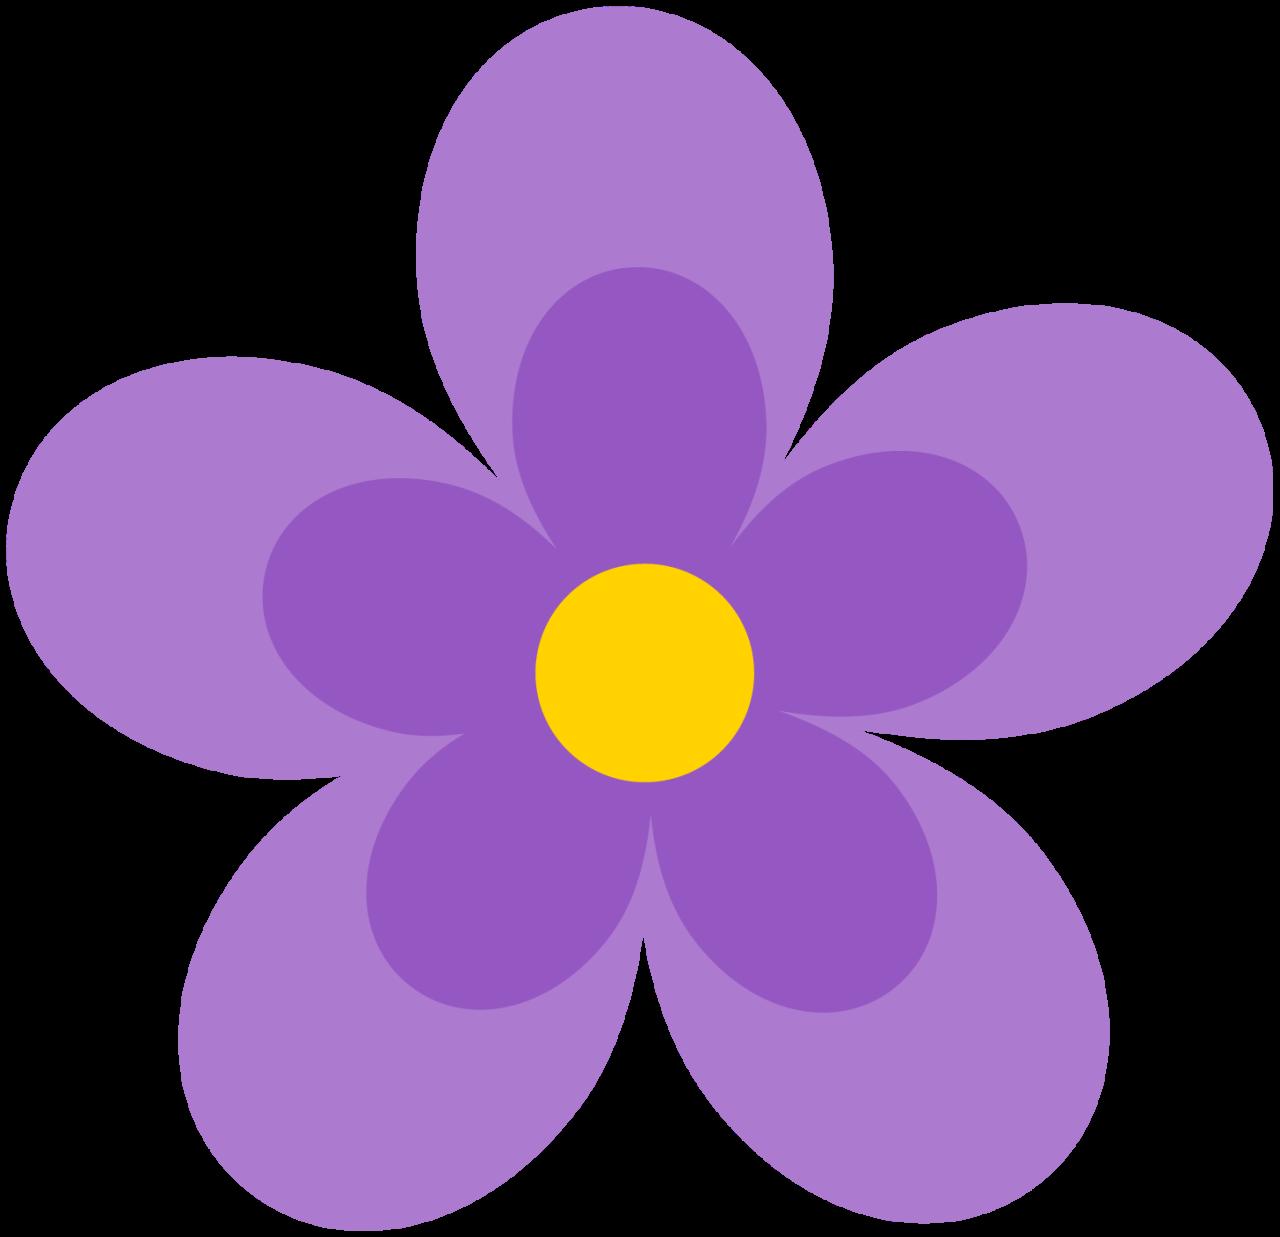 e f dff. Clipart flowers park